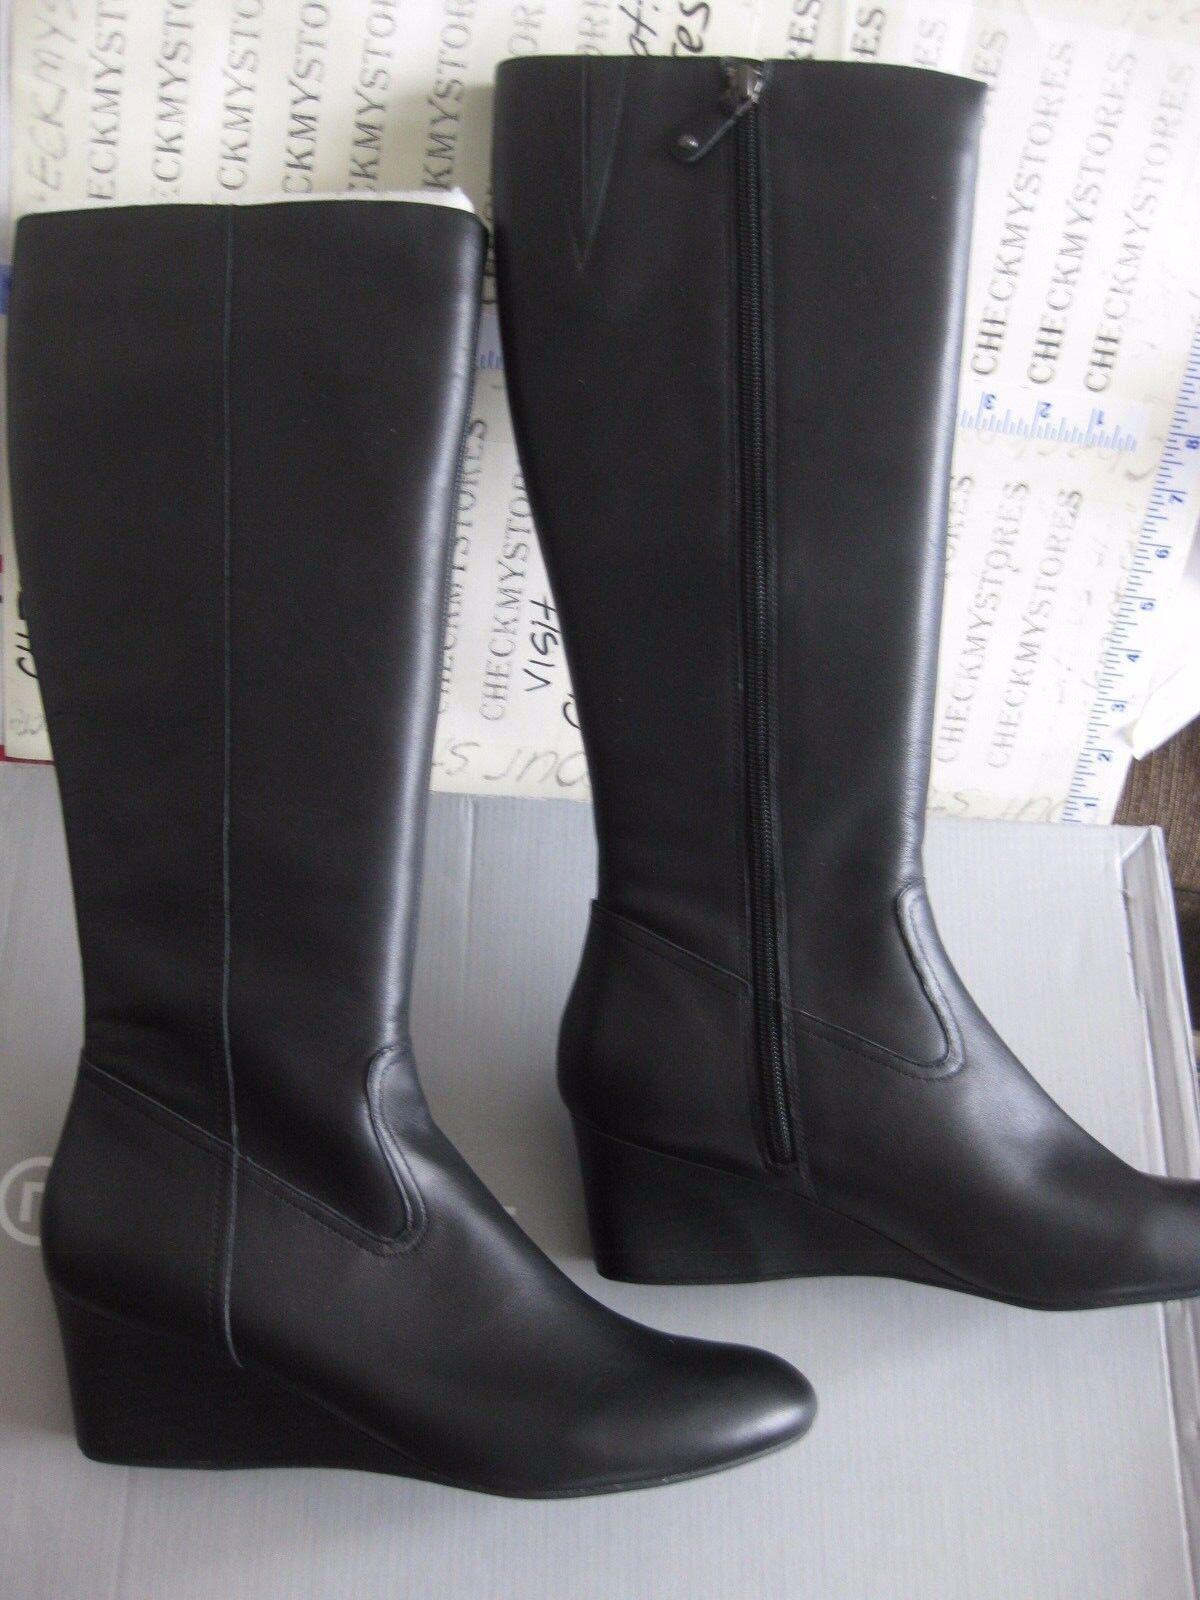 Nuevo En Caja  170 Rockport botas para mujer mujer mujer alto K71602 alisanna Cuero Adiprene  compra en línea hoy